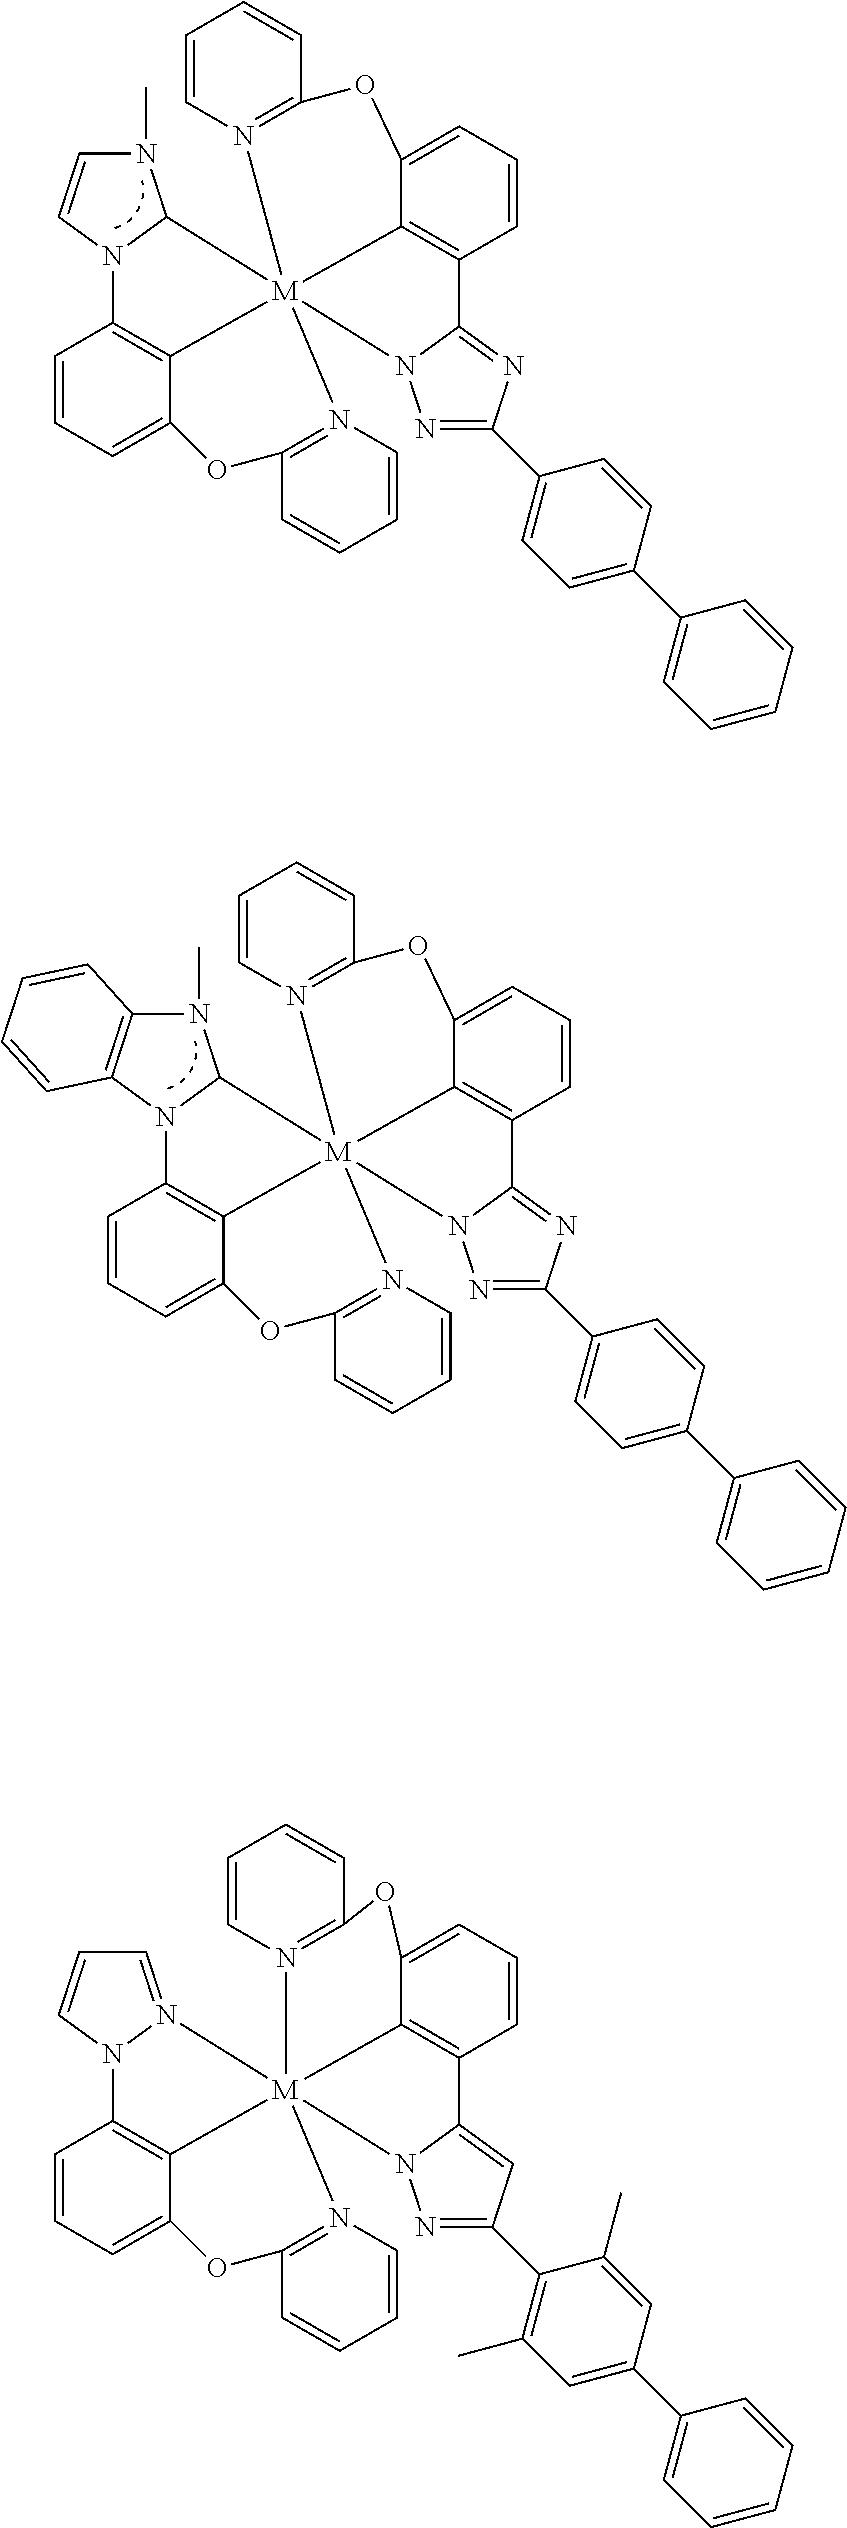 Figure US09818959-20171114-C00246